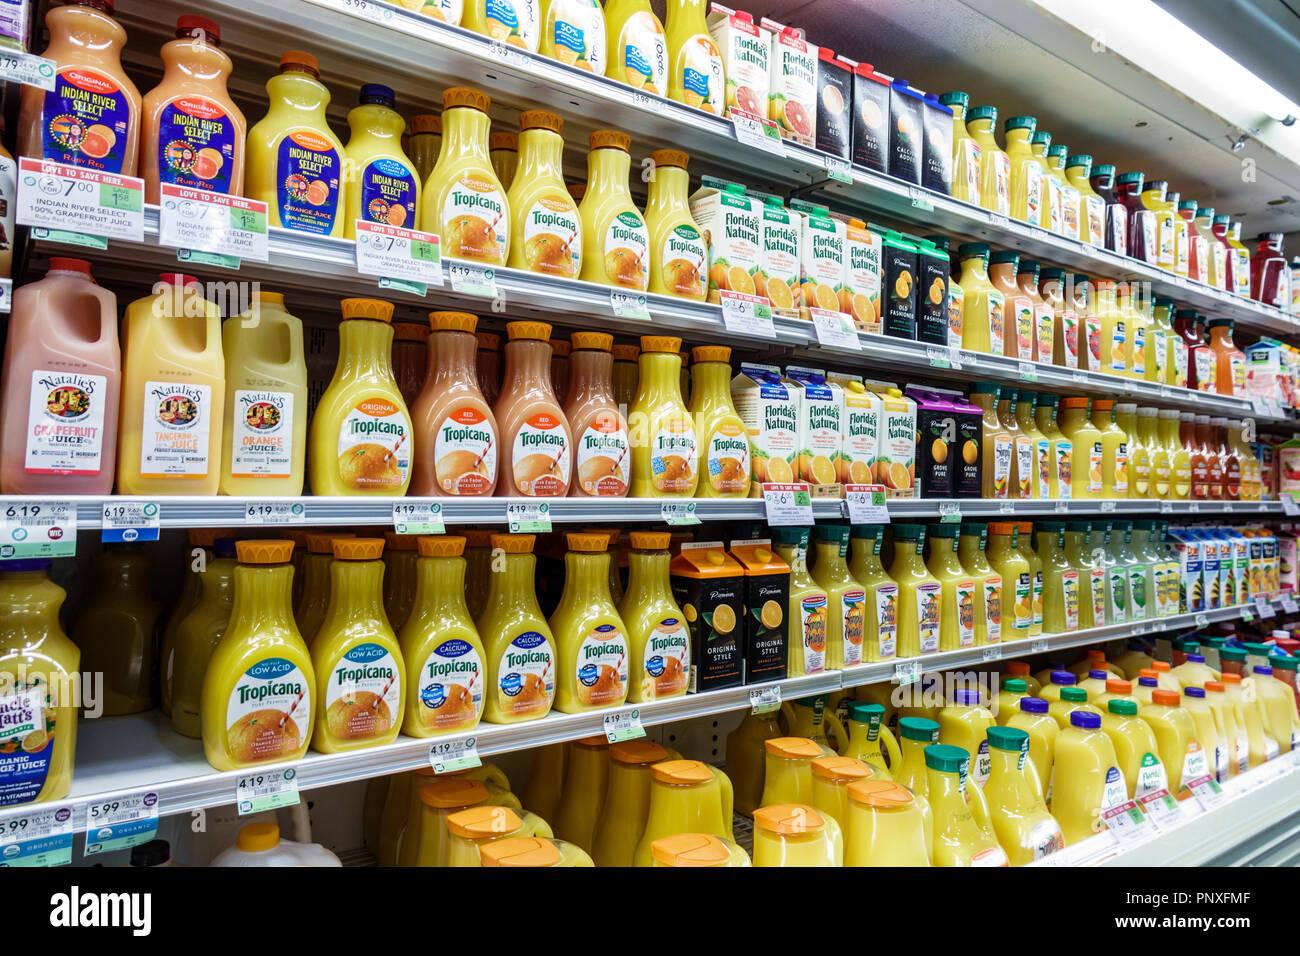 West Palm Beach Florida Publix Fruttivendolo scaffali del supermercato display vendita succo di arancia di marche concorrenti Immagini Stock